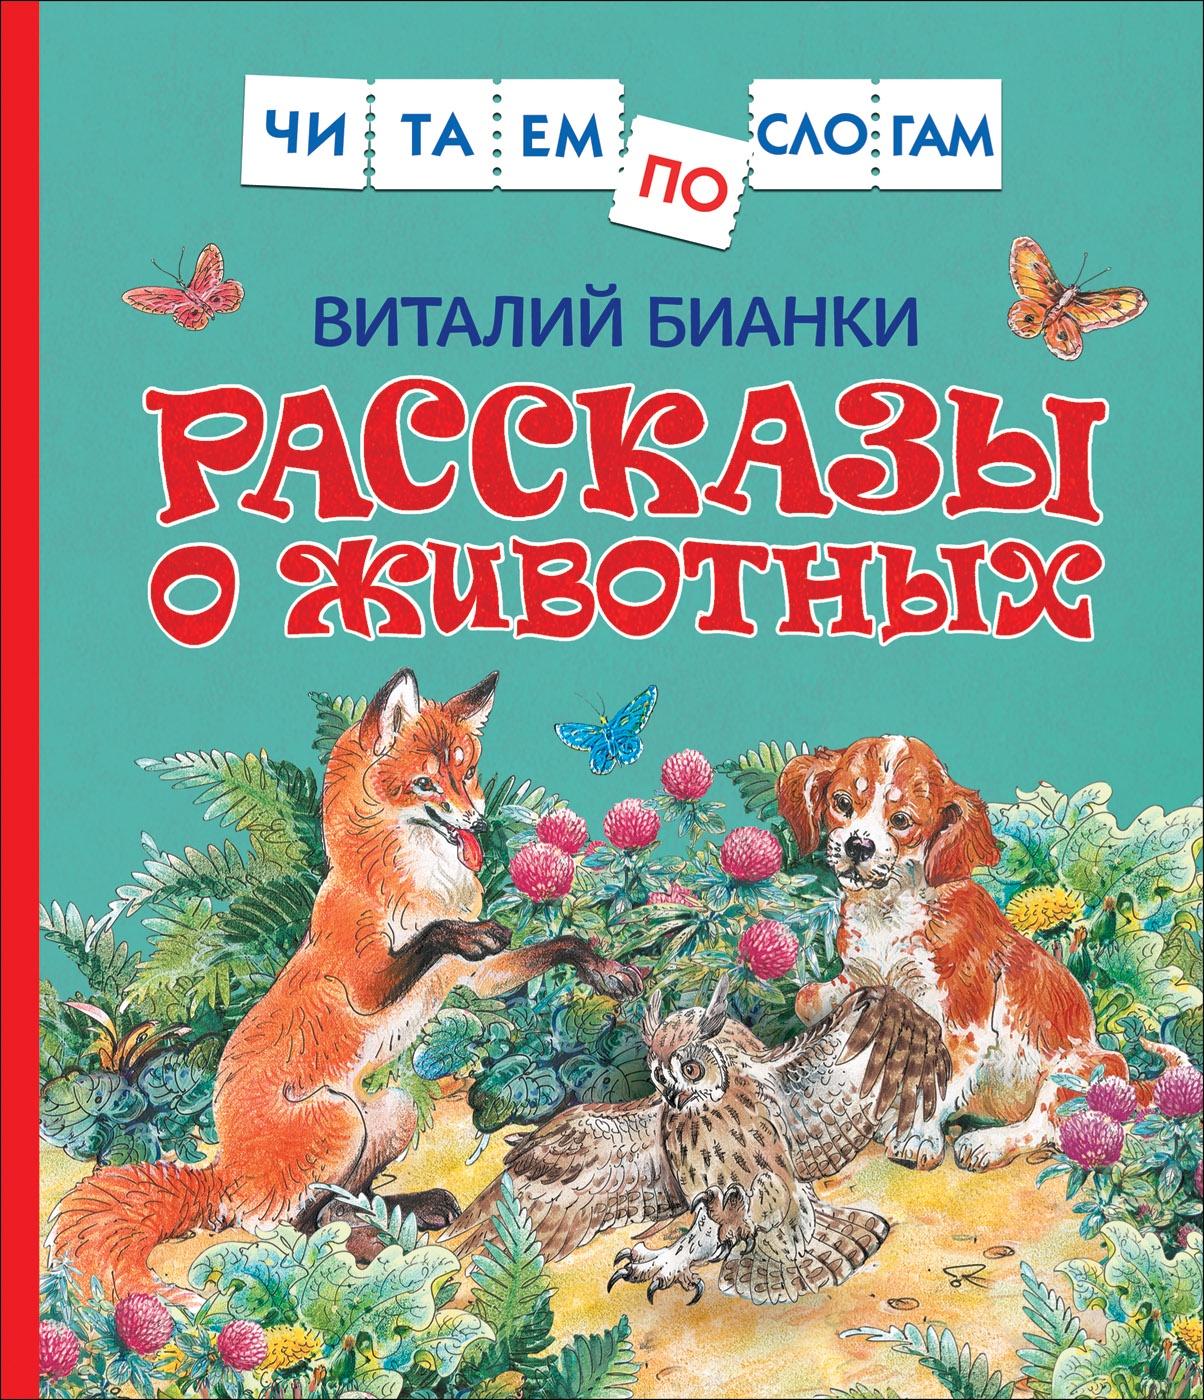 Бианки В.В. Рассказы о животных (Читаем по слогам)